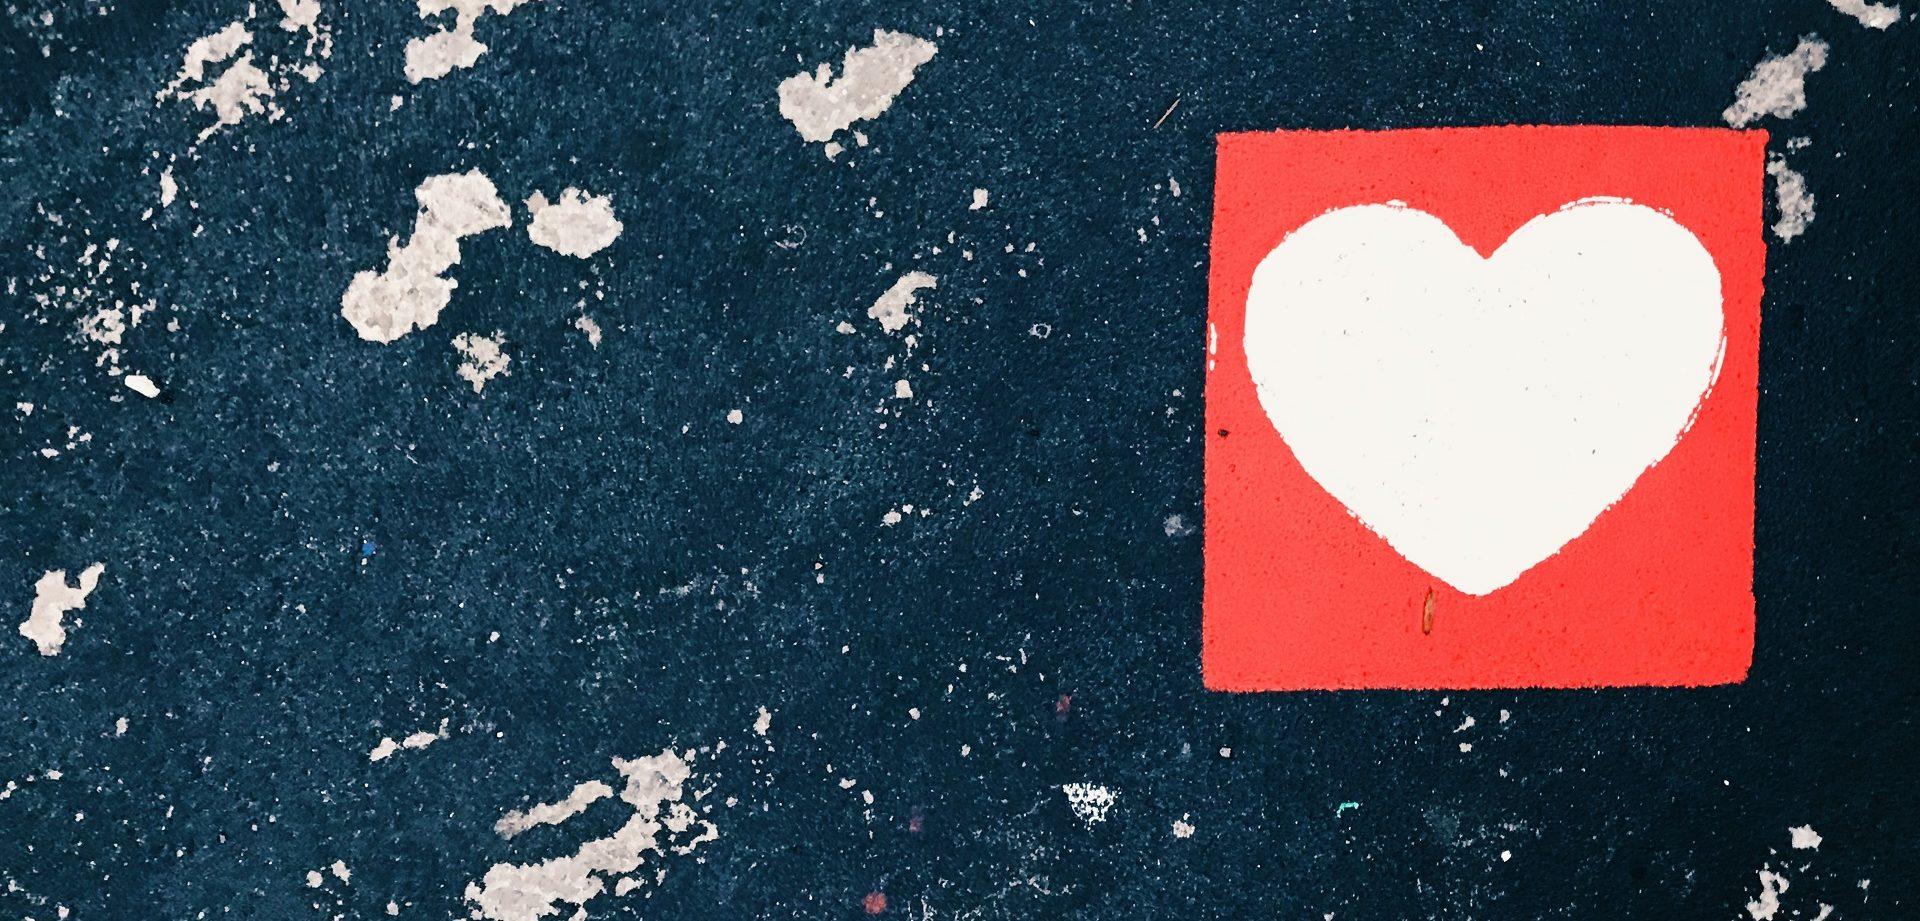 Herzensthema